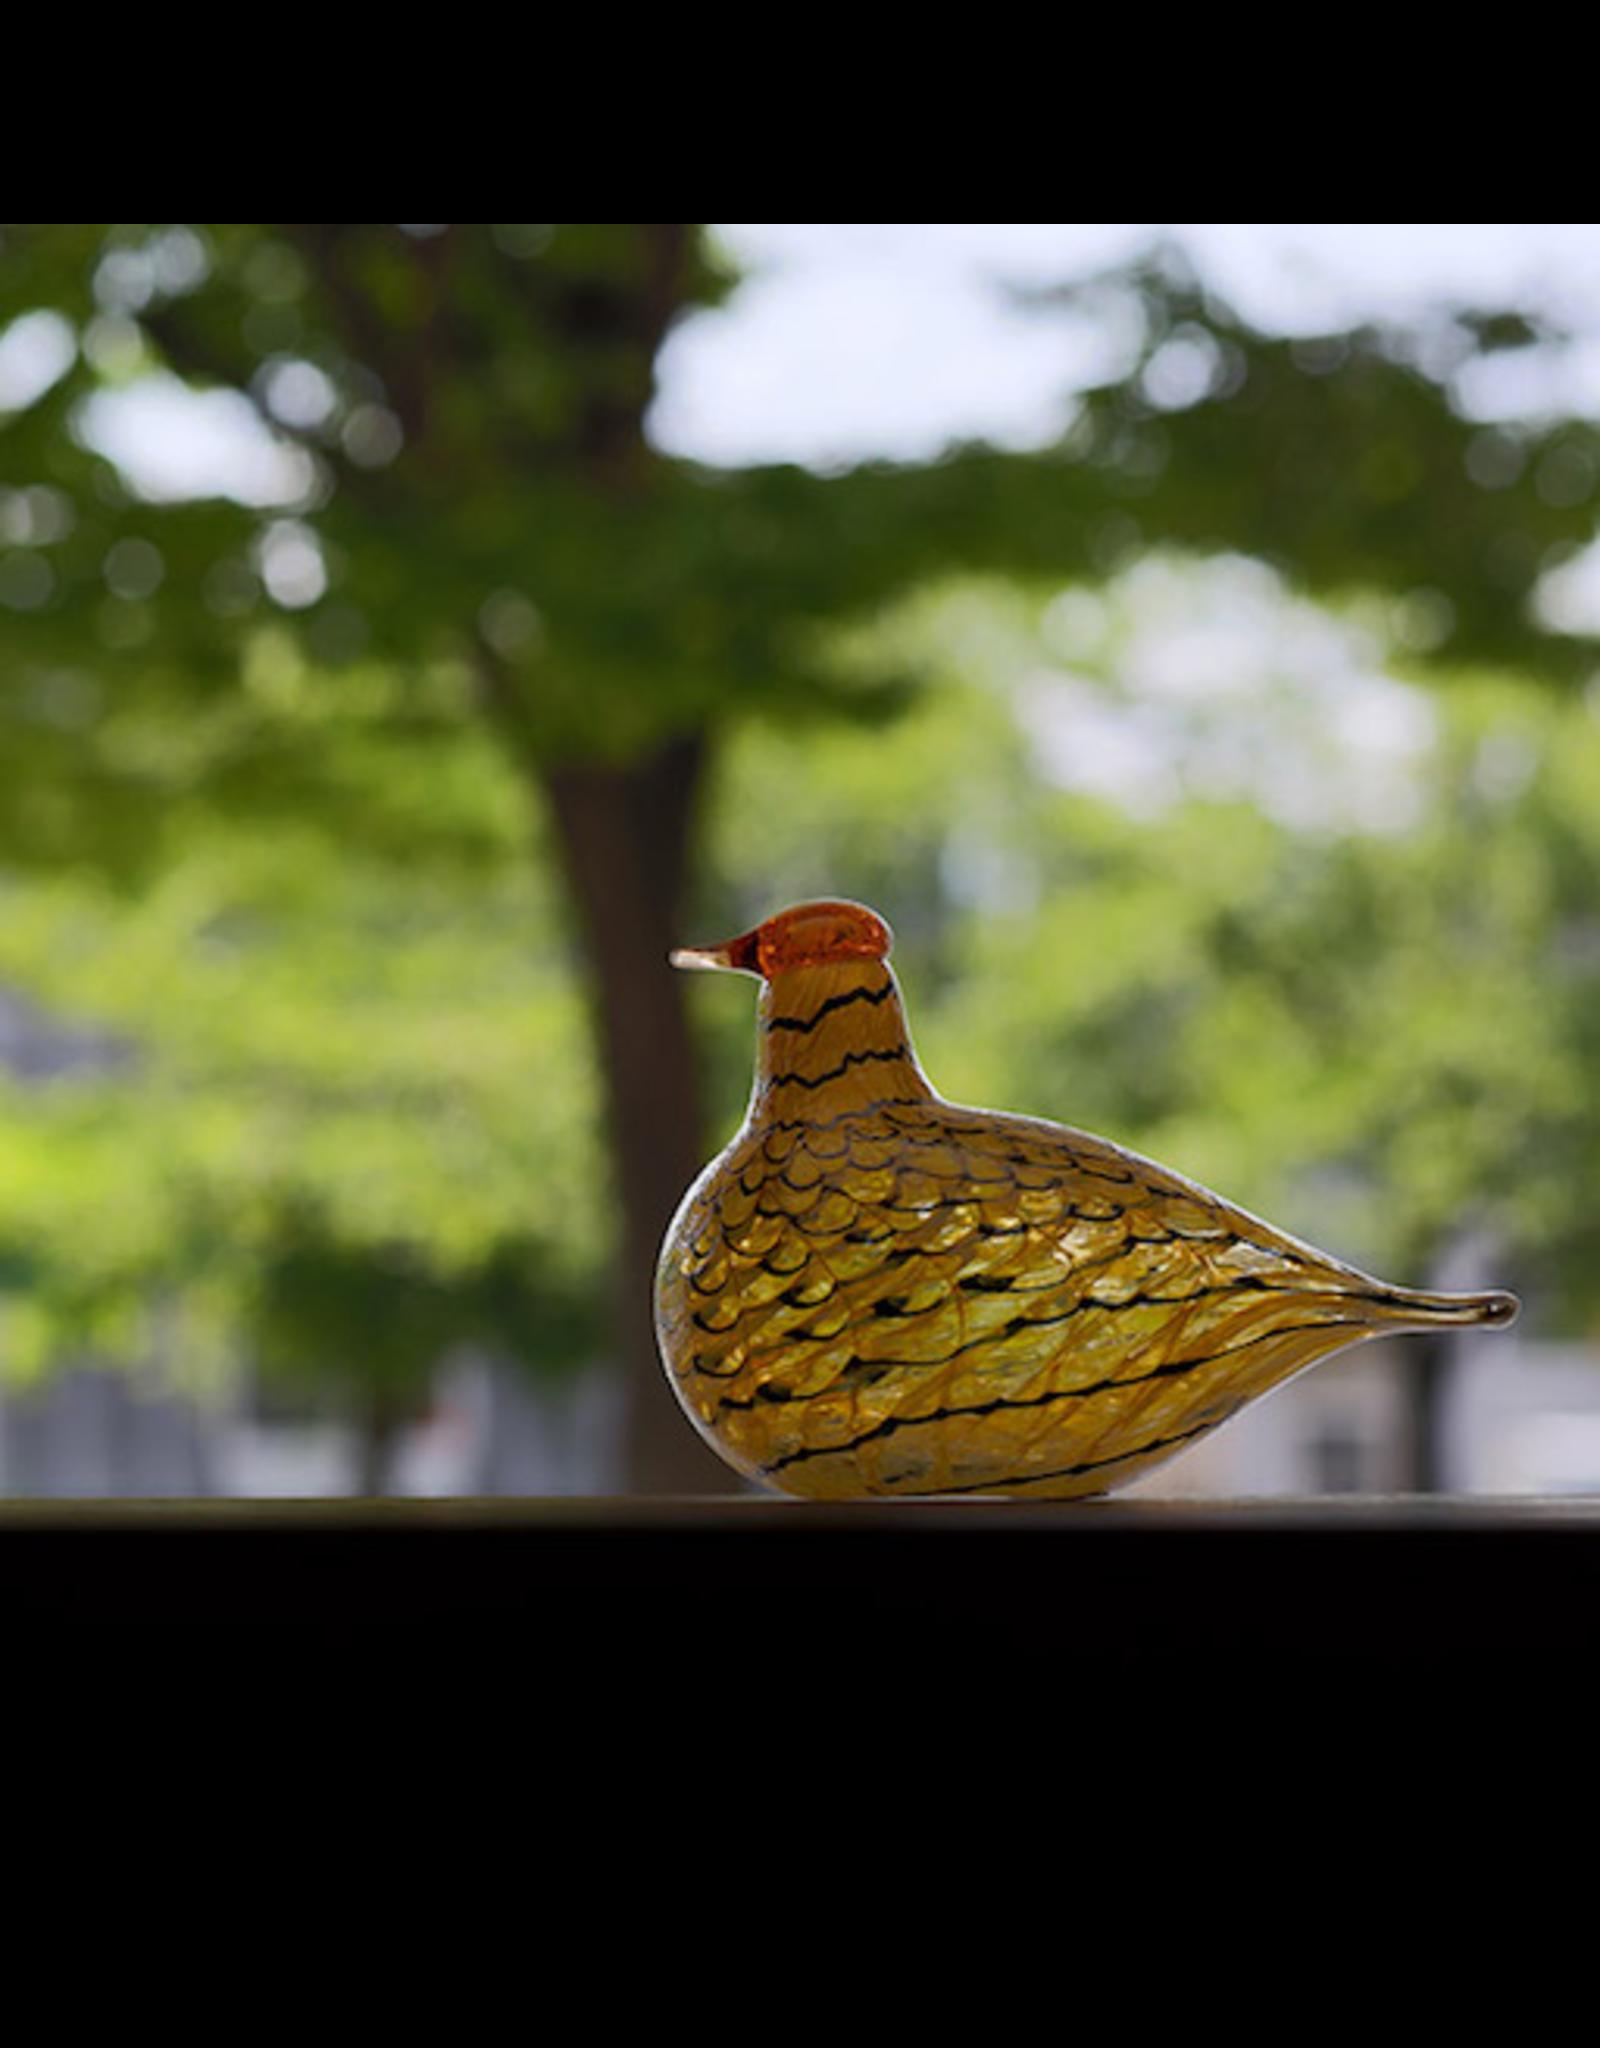 IITTALA BIRDS BY TOIKKA, SUMMER GROUSE